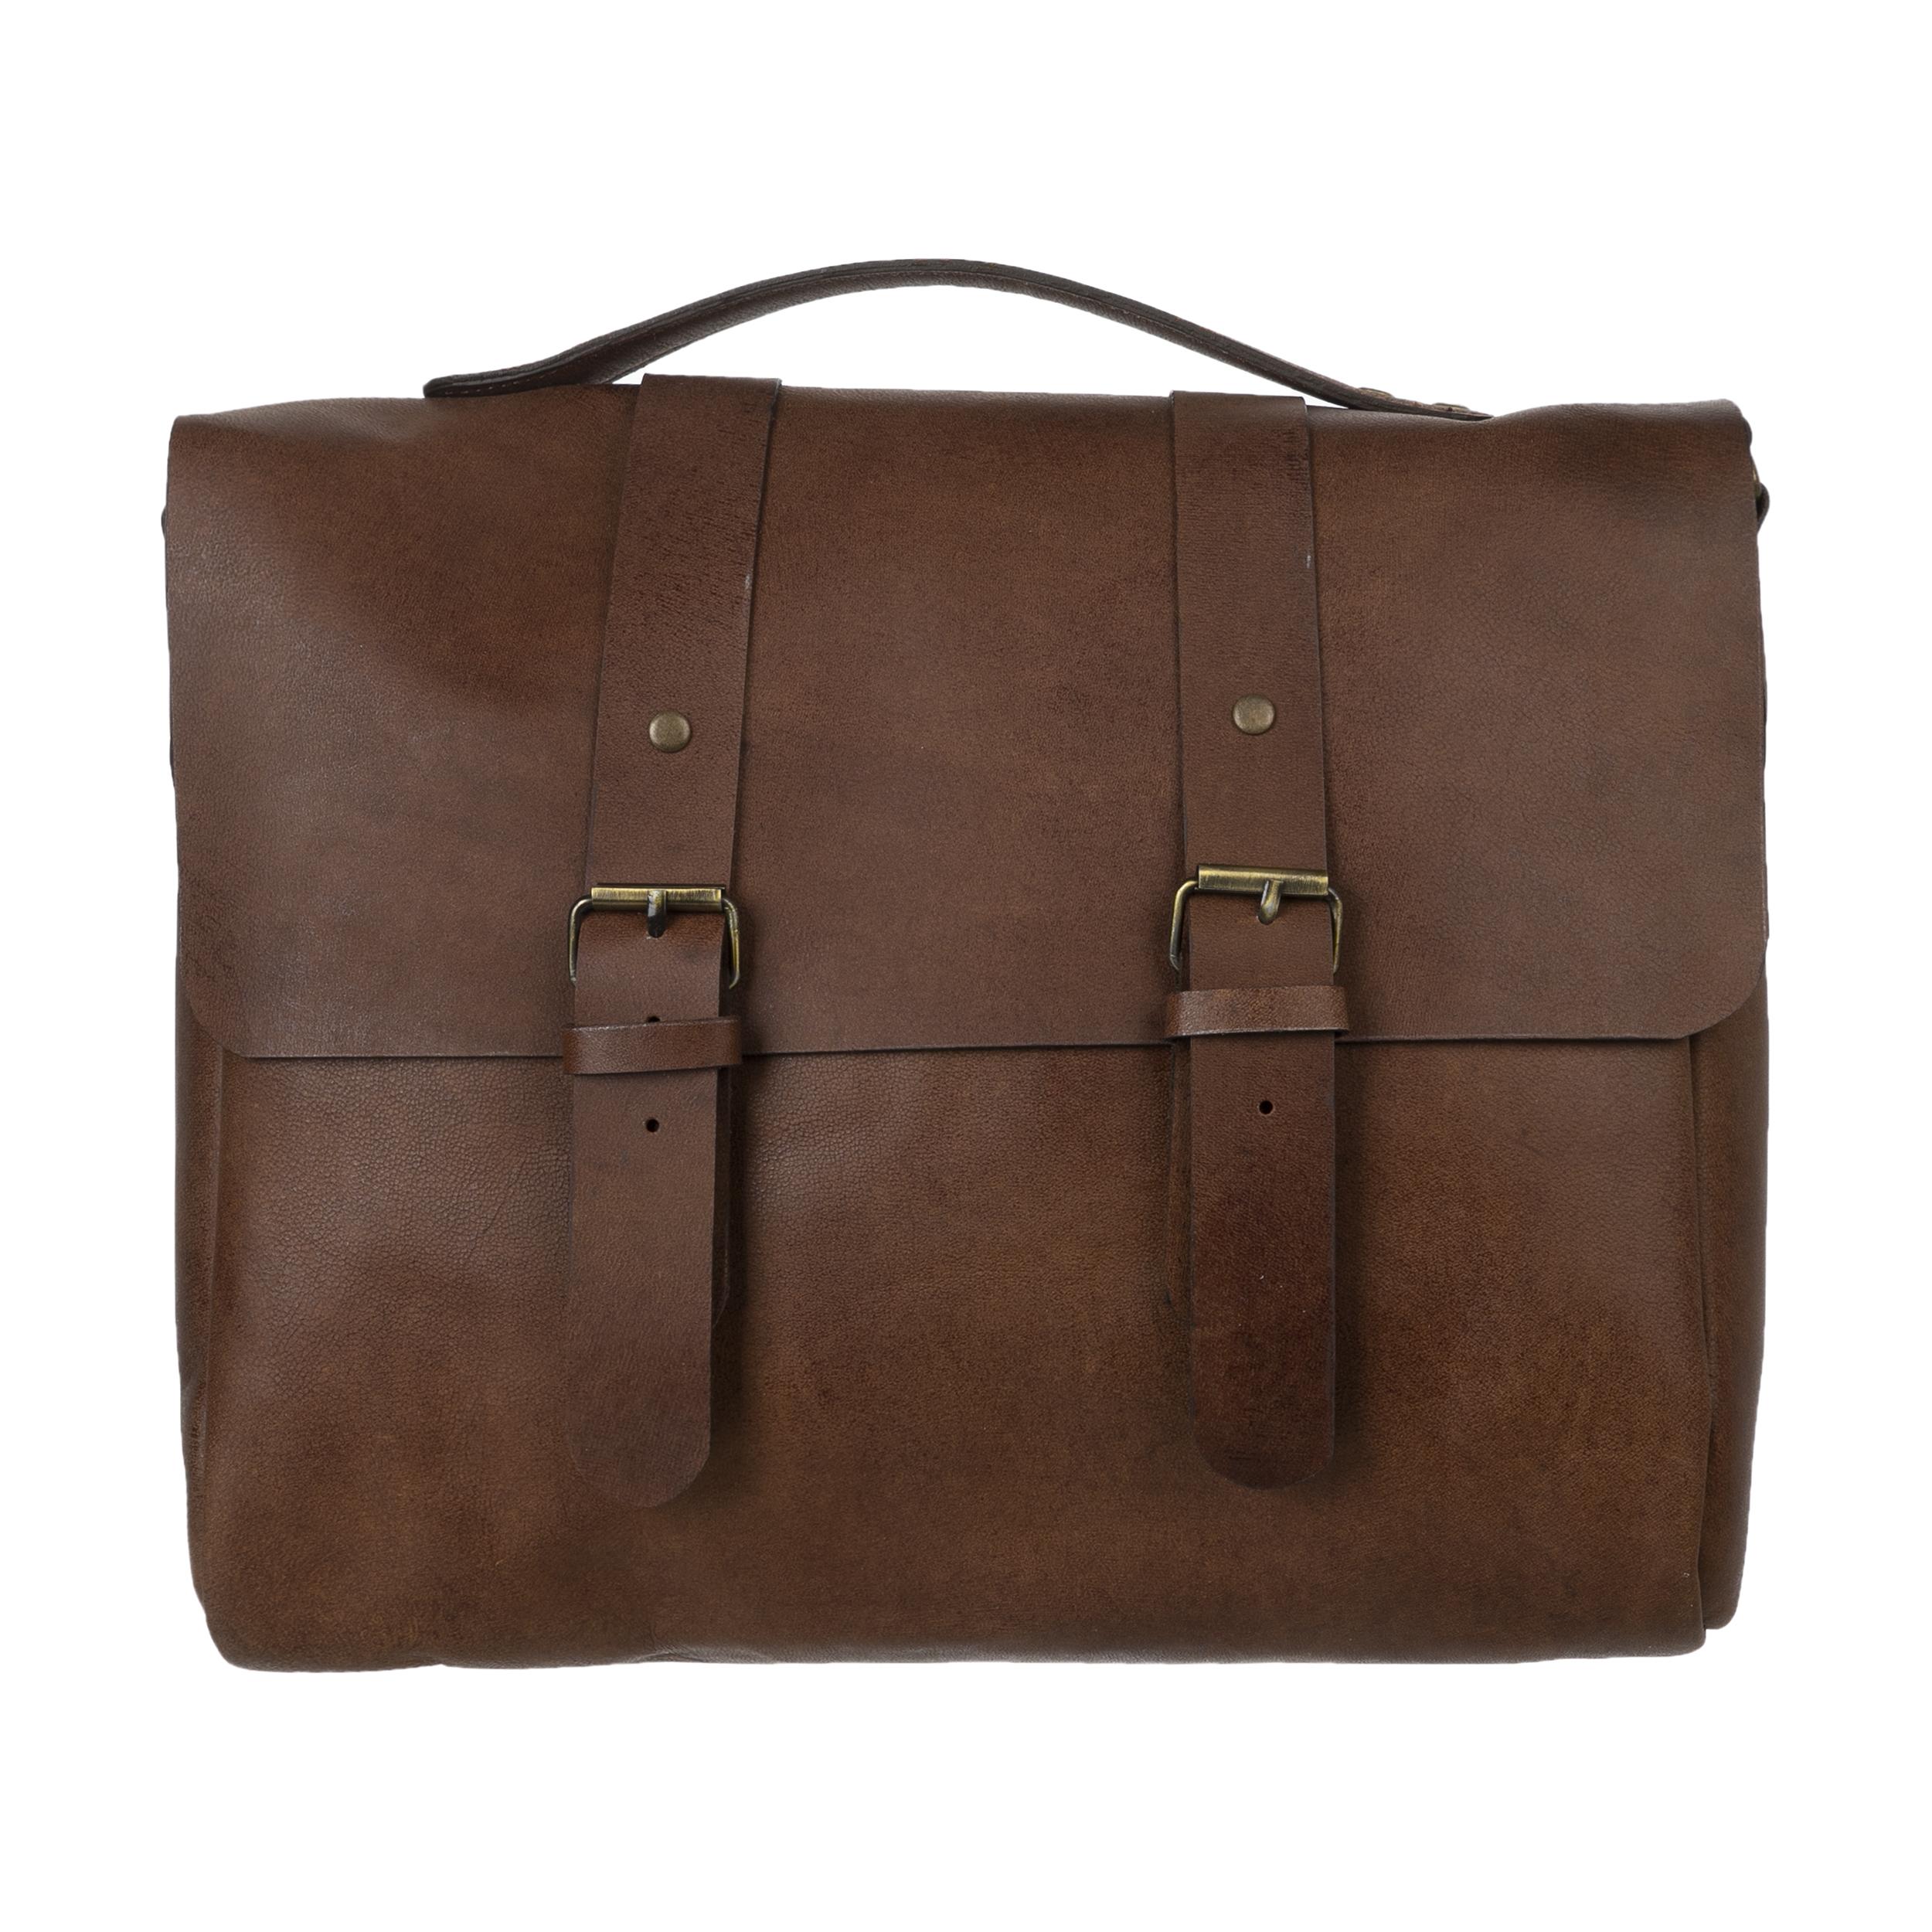 کیف دستی چرم لانکا مدل 1603121-36